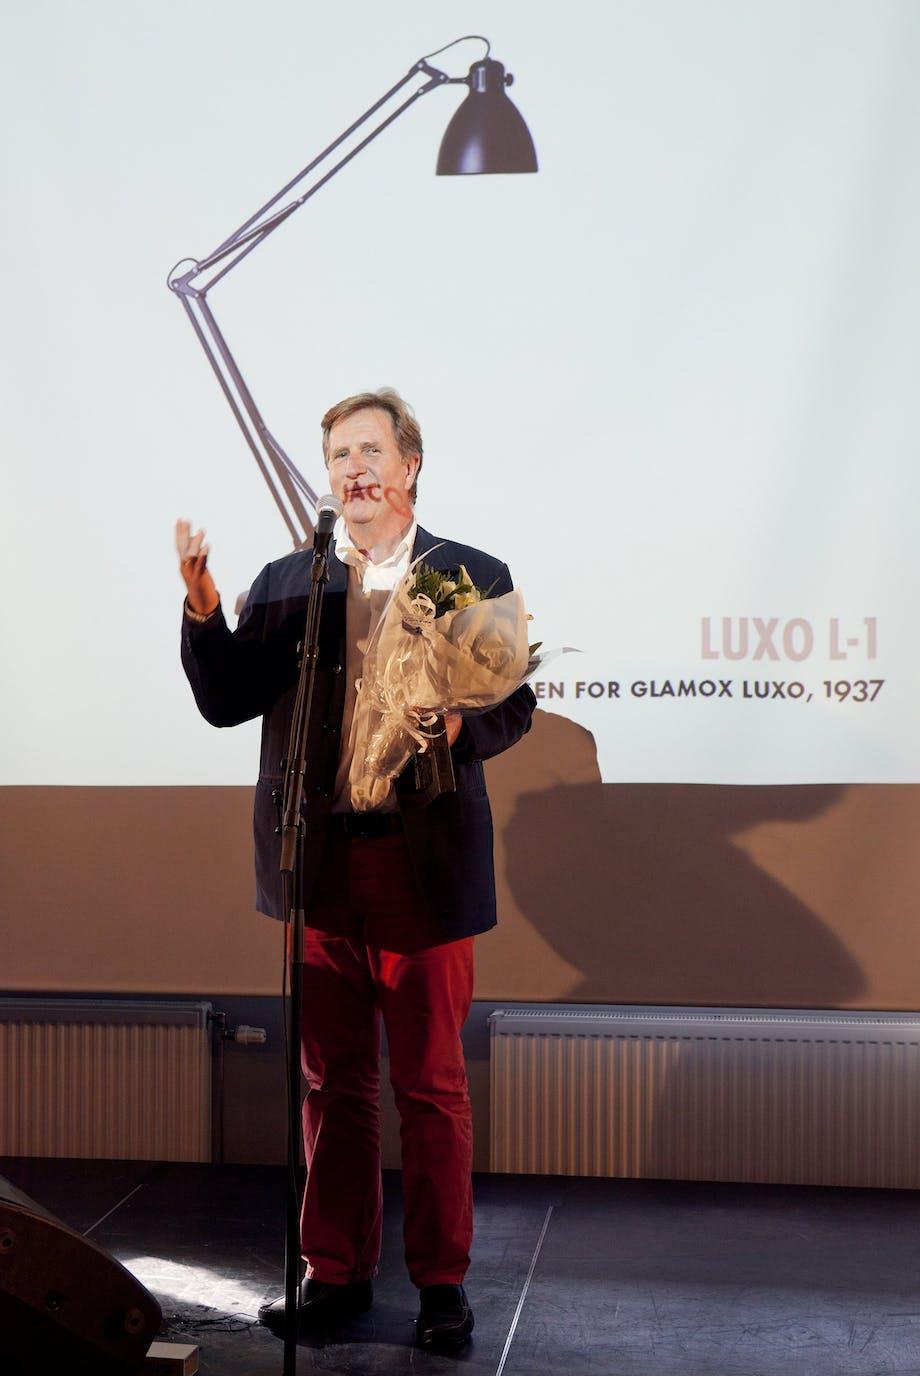 Vinneren av årets leserpris er Luxo L-1